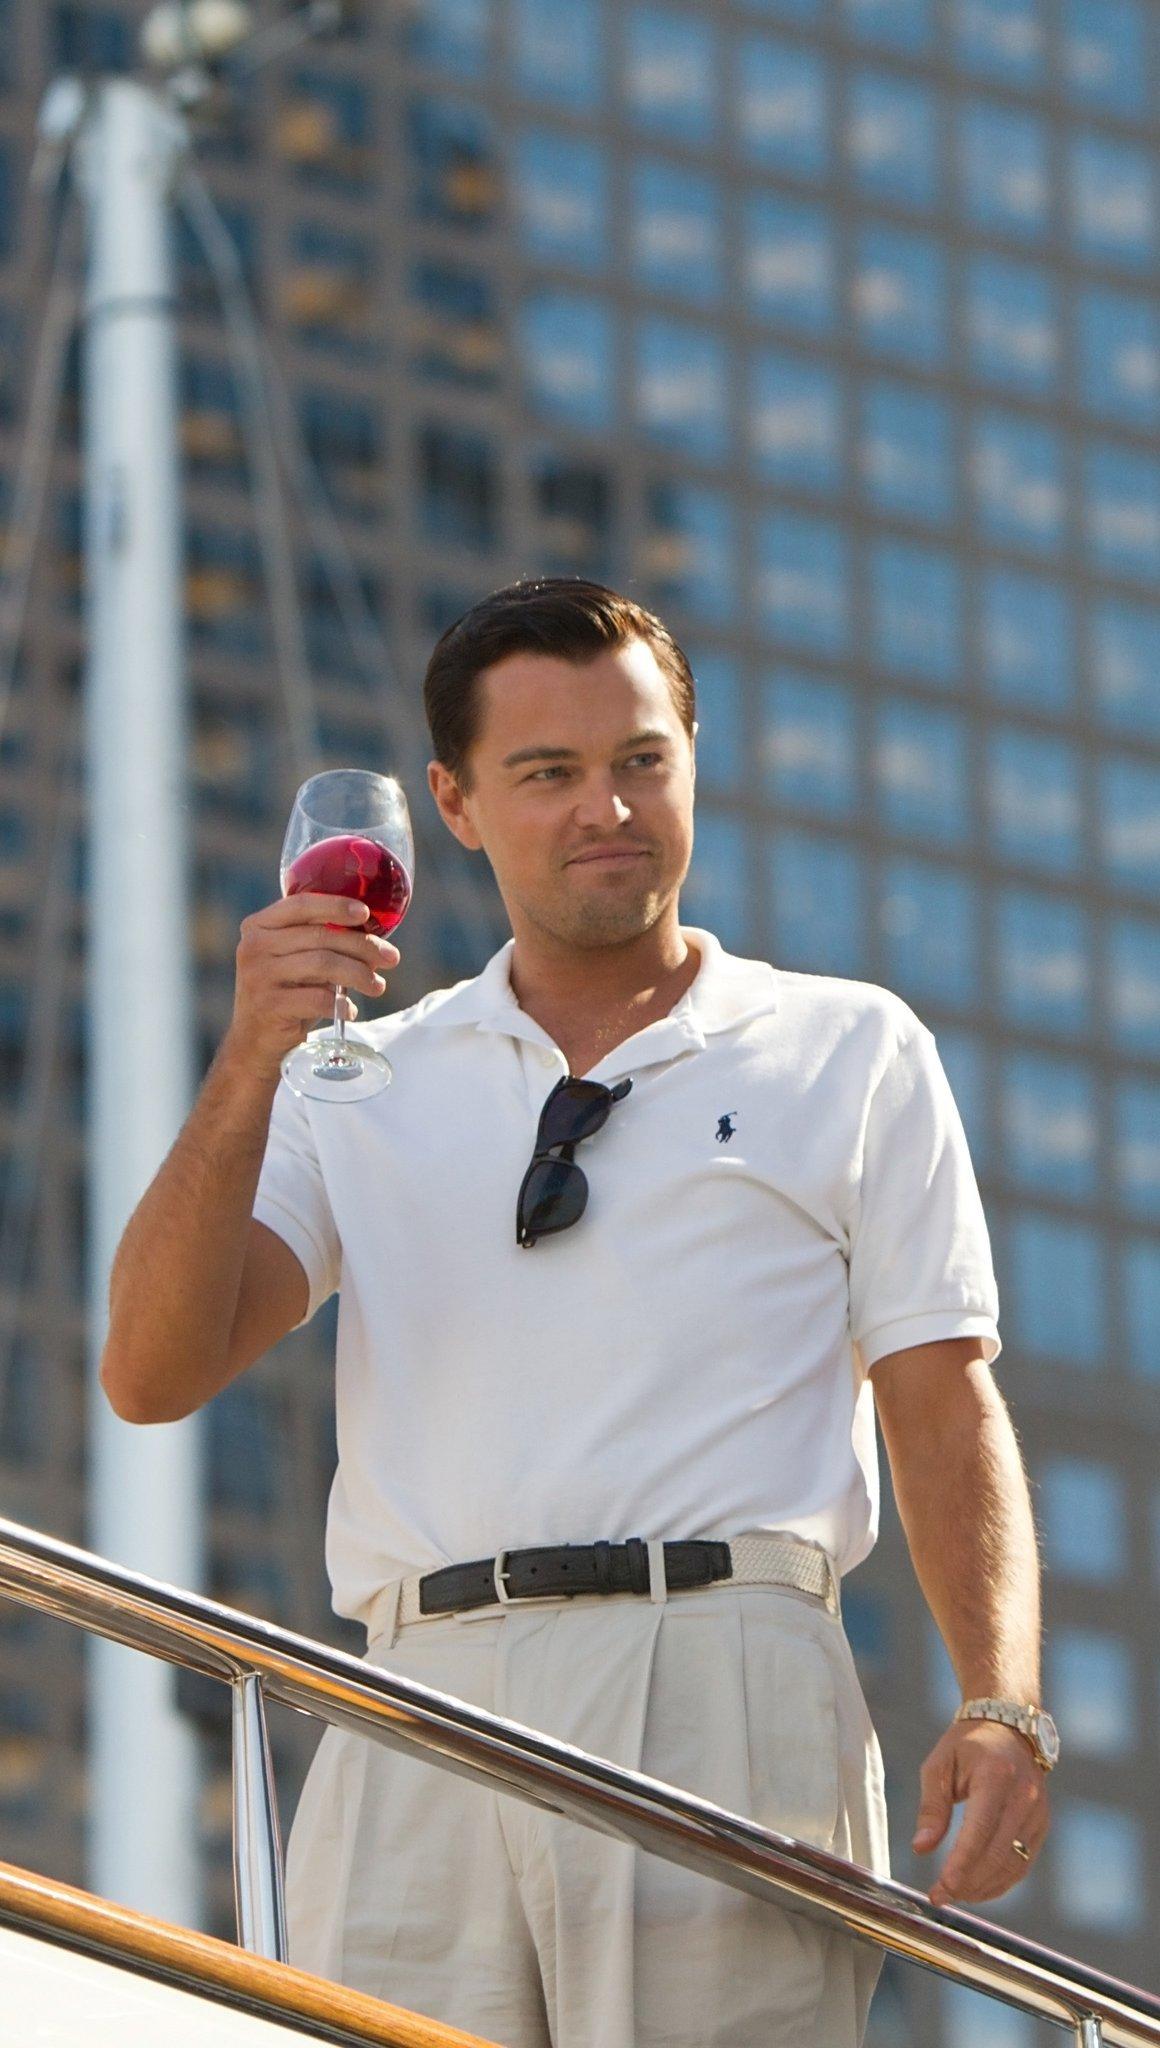 Fondos de pantalla El lobo de Wall Street con una copa de vino Vertical